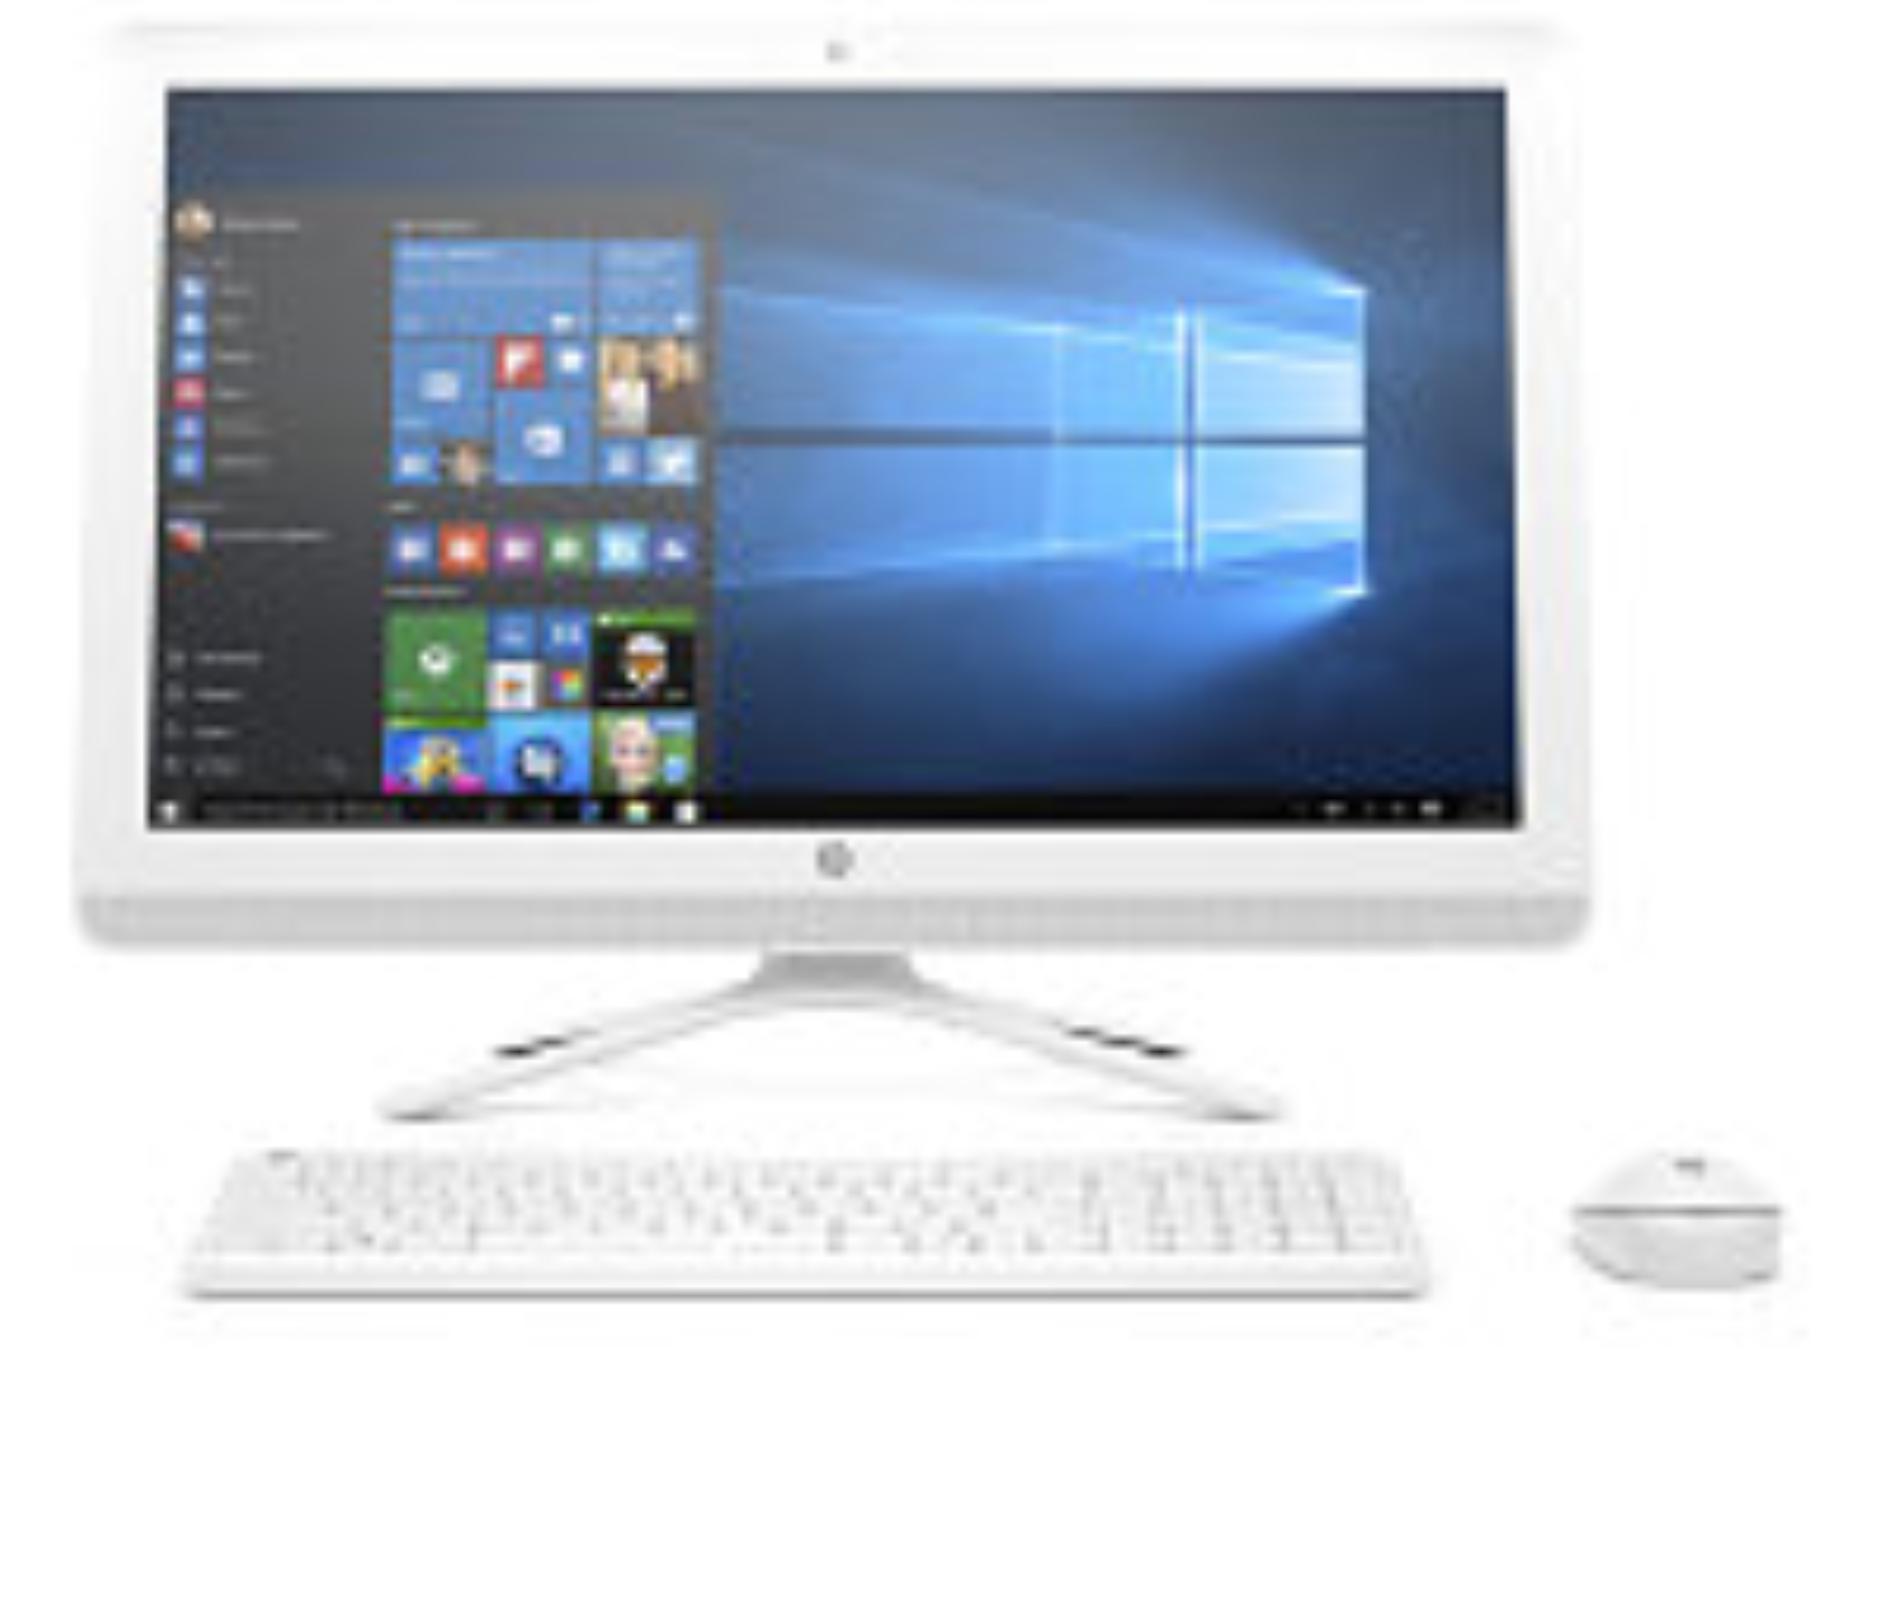 """HP PC AiO All-in-One 24-g000nc 23,8"""" FHD IPS AG LED,Inte i3-6100U,4GB DDR4,1TB/7200,DVDRW,WiFi,USBkey+mou,UMA,Win10"""